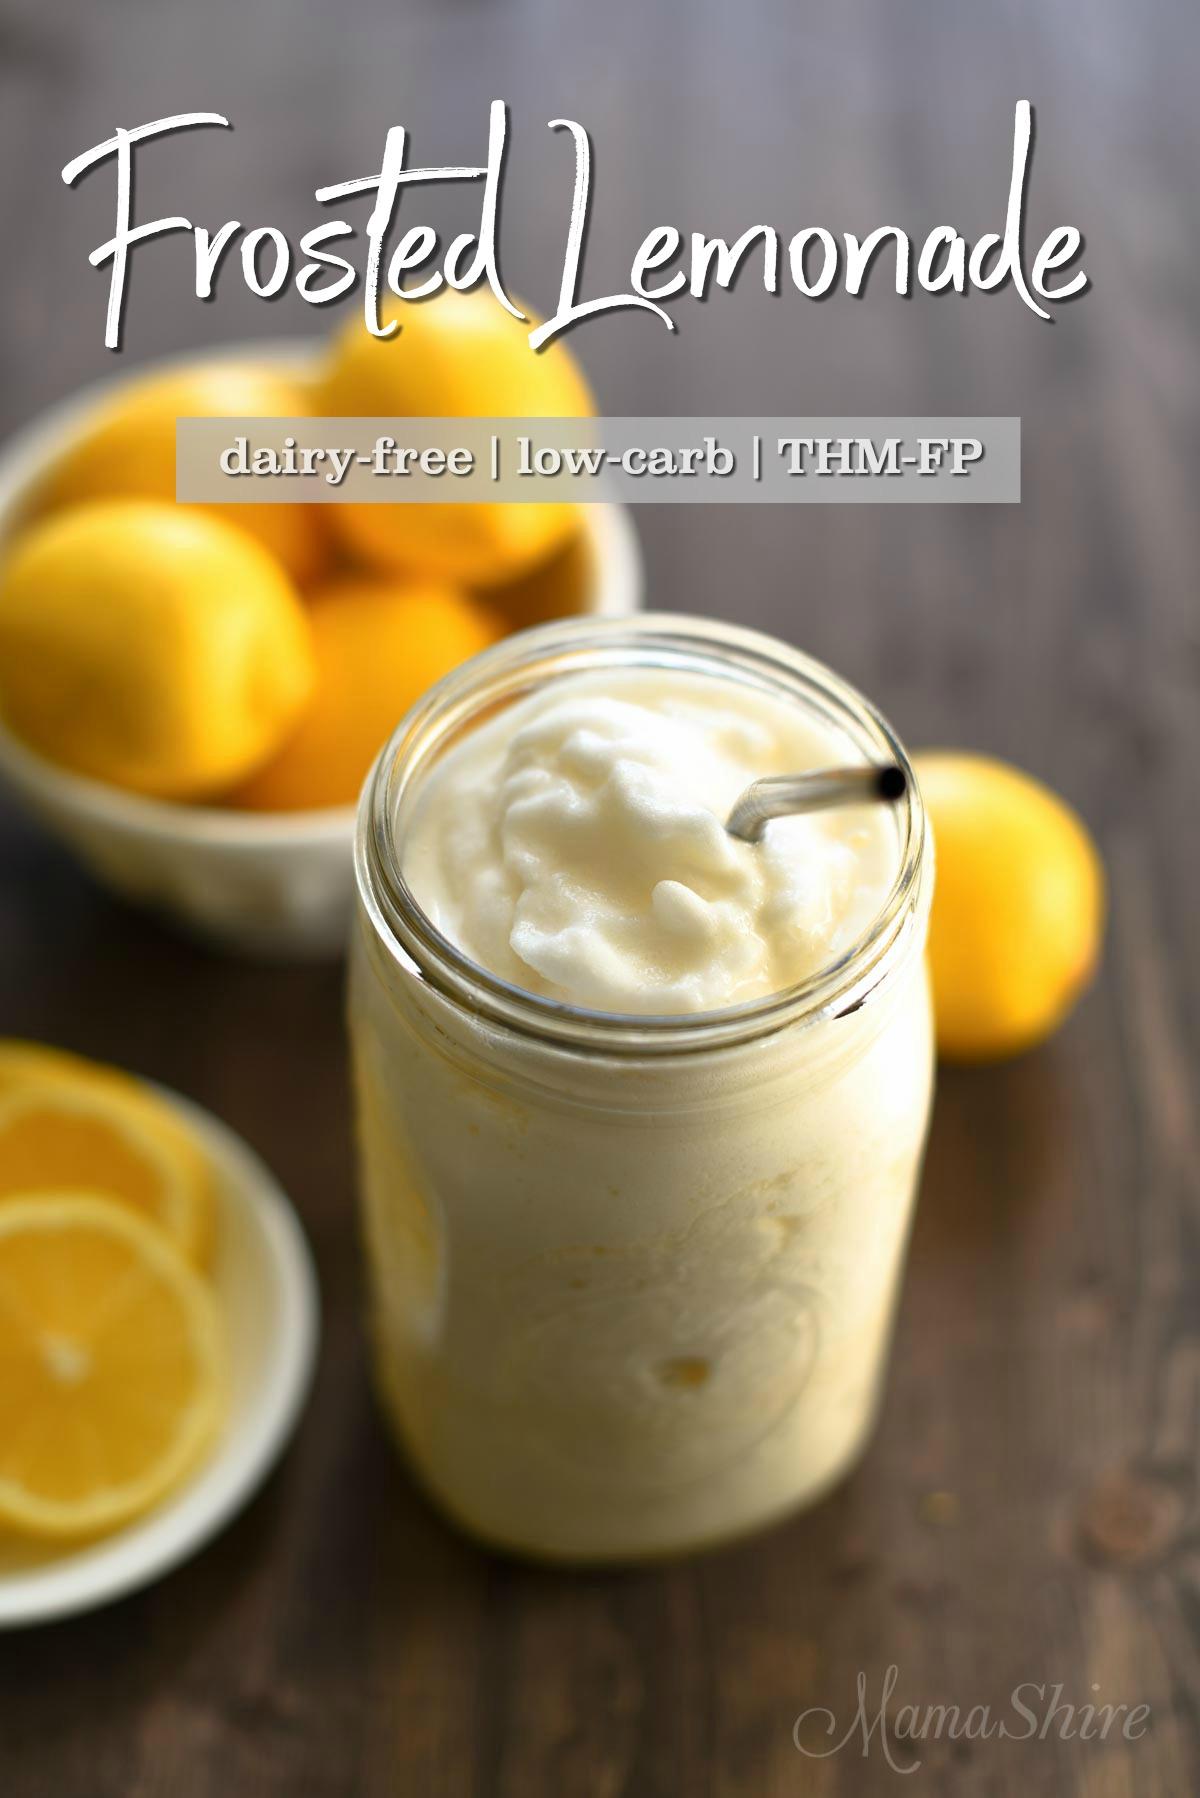 Frosted Lemonade - Copycat Chick-Fil-A